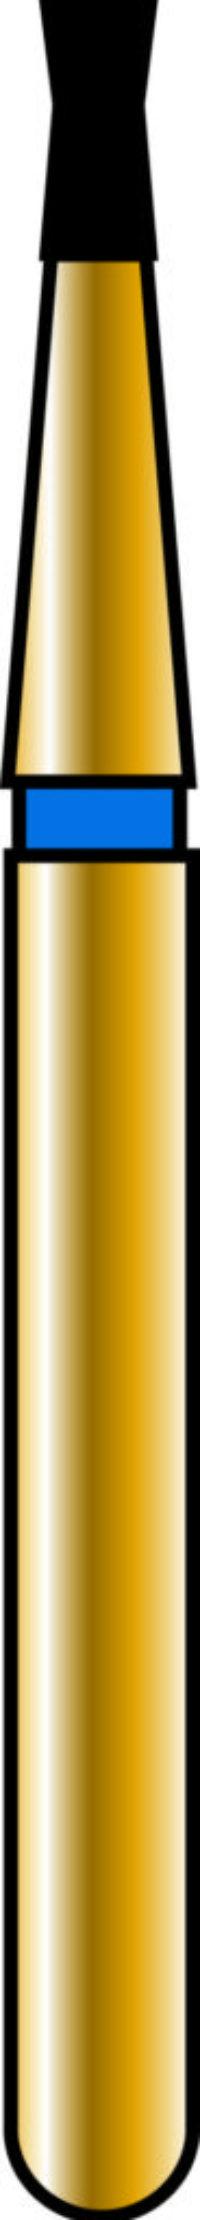 Double Cone 10-2.2mm Gold Diamond Bur - Coarse Grit